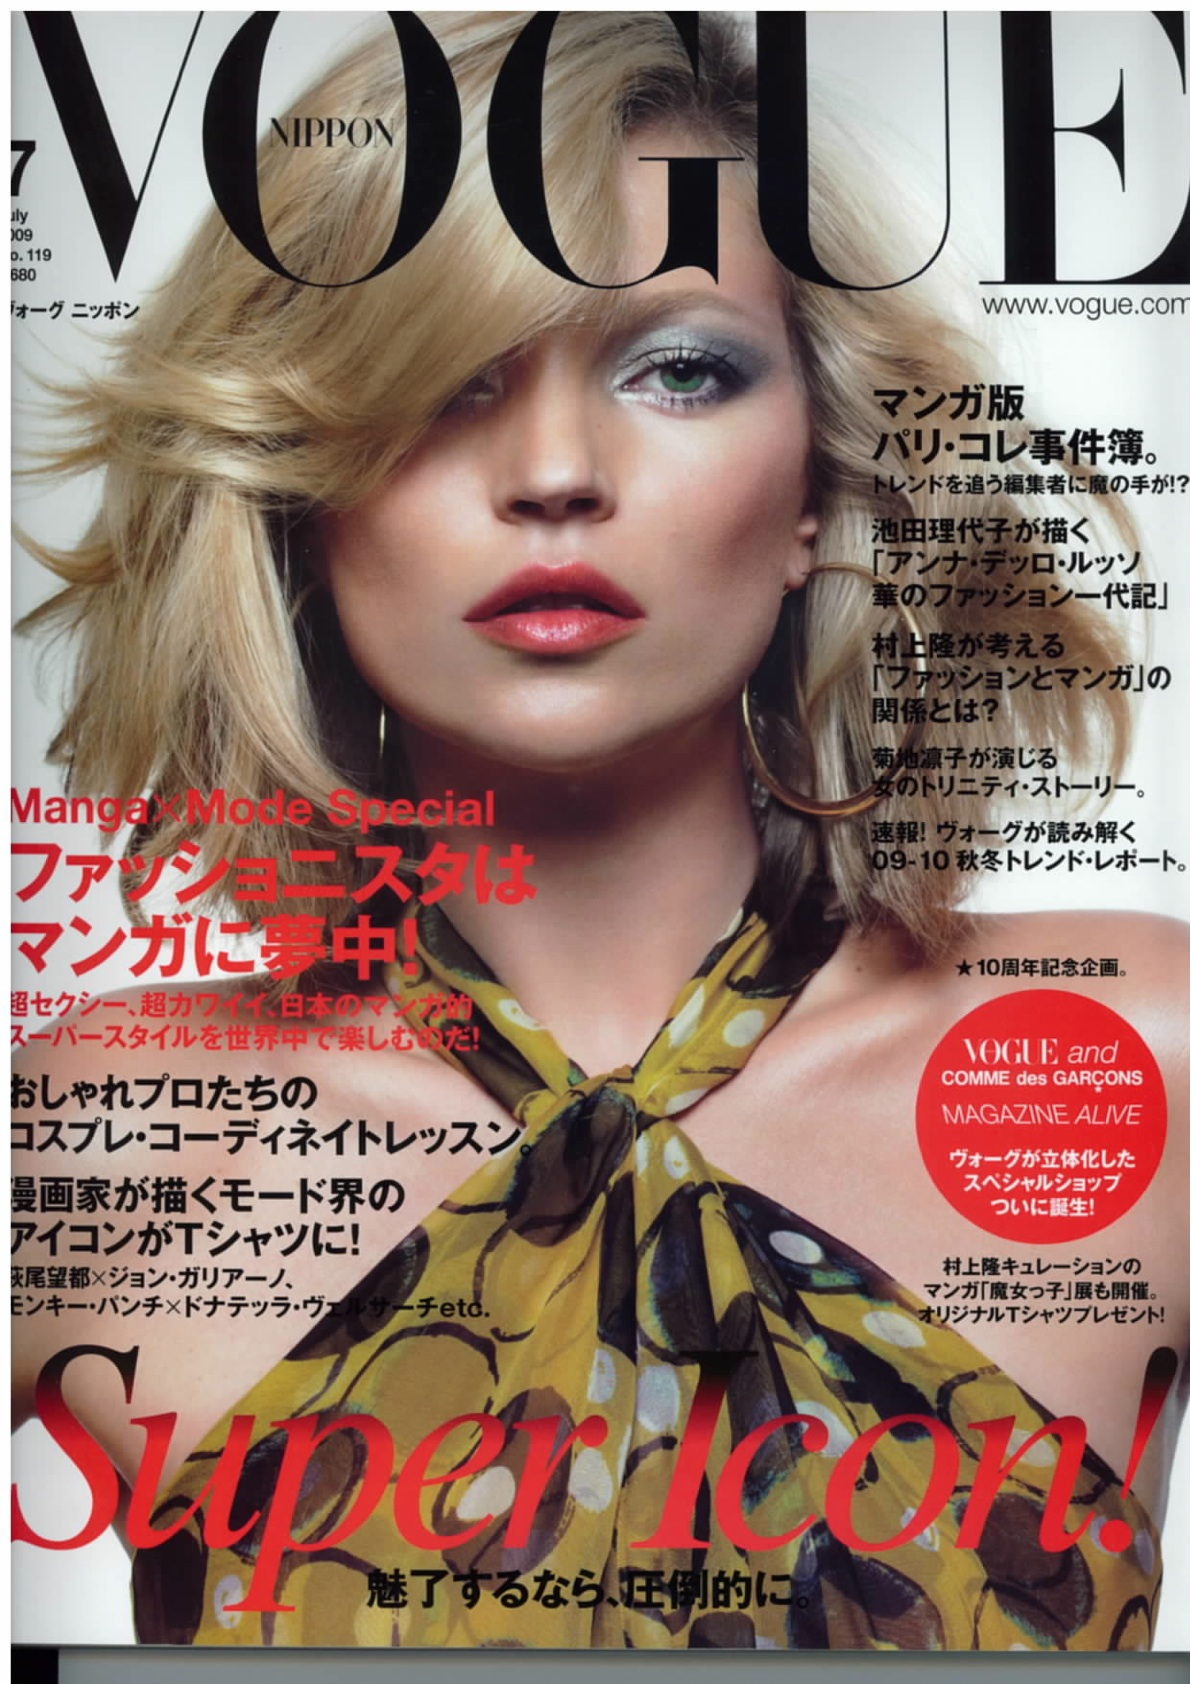 Vogue Kate Moss